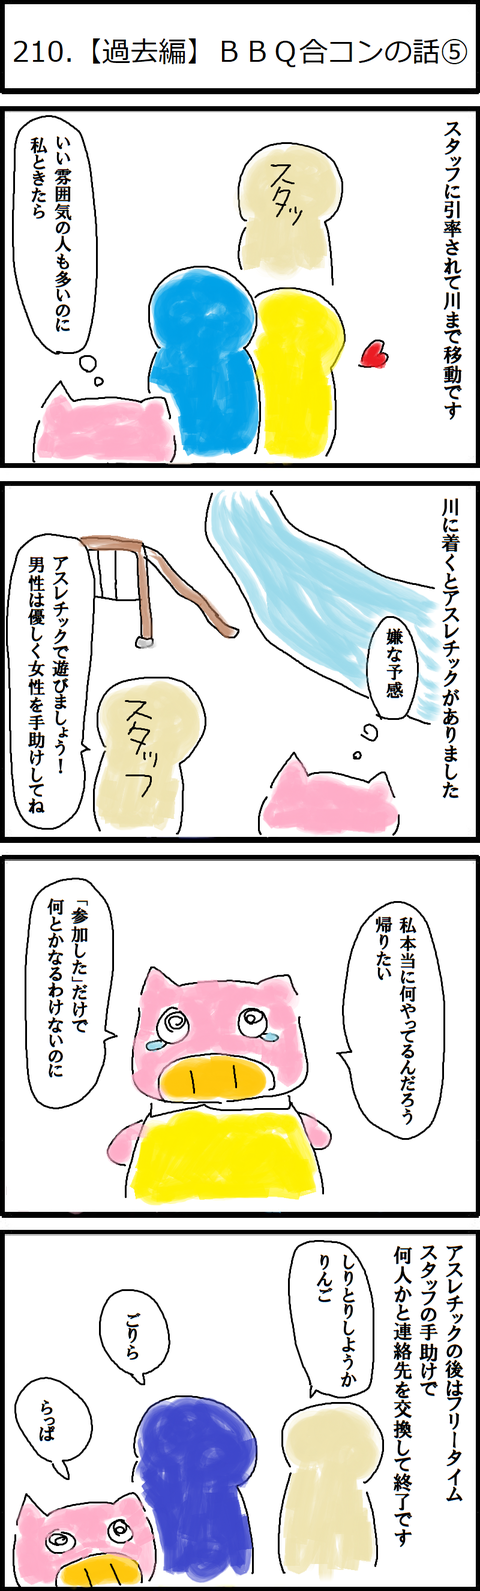 210.【過去編】BBQ合コンの話⑤